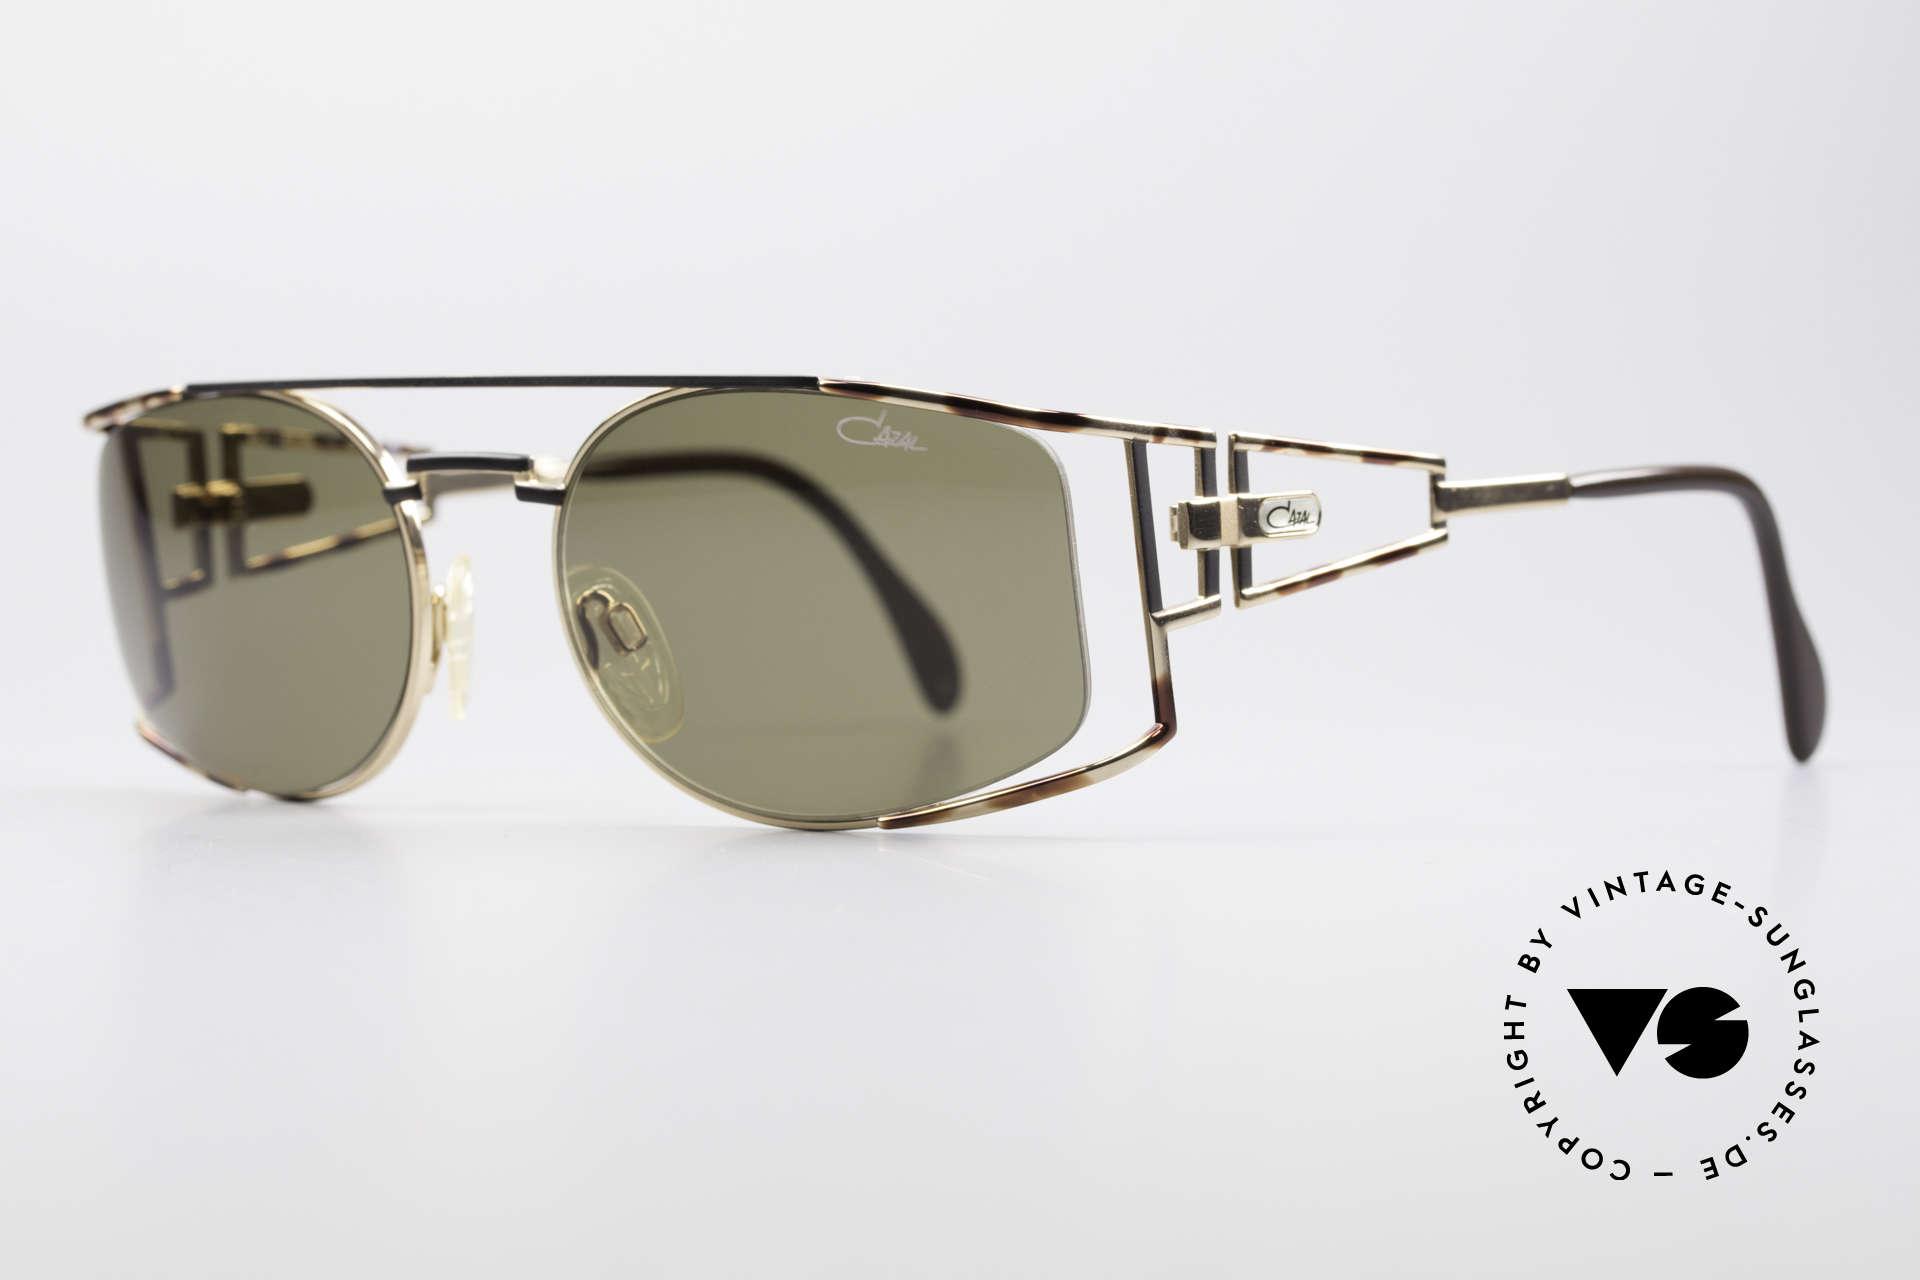 Cazal 967 Rare 90er Markensonnenbrille, aufwändige und handgearbeitete Rahmen-Lackierung, Passend für Herren und Damen